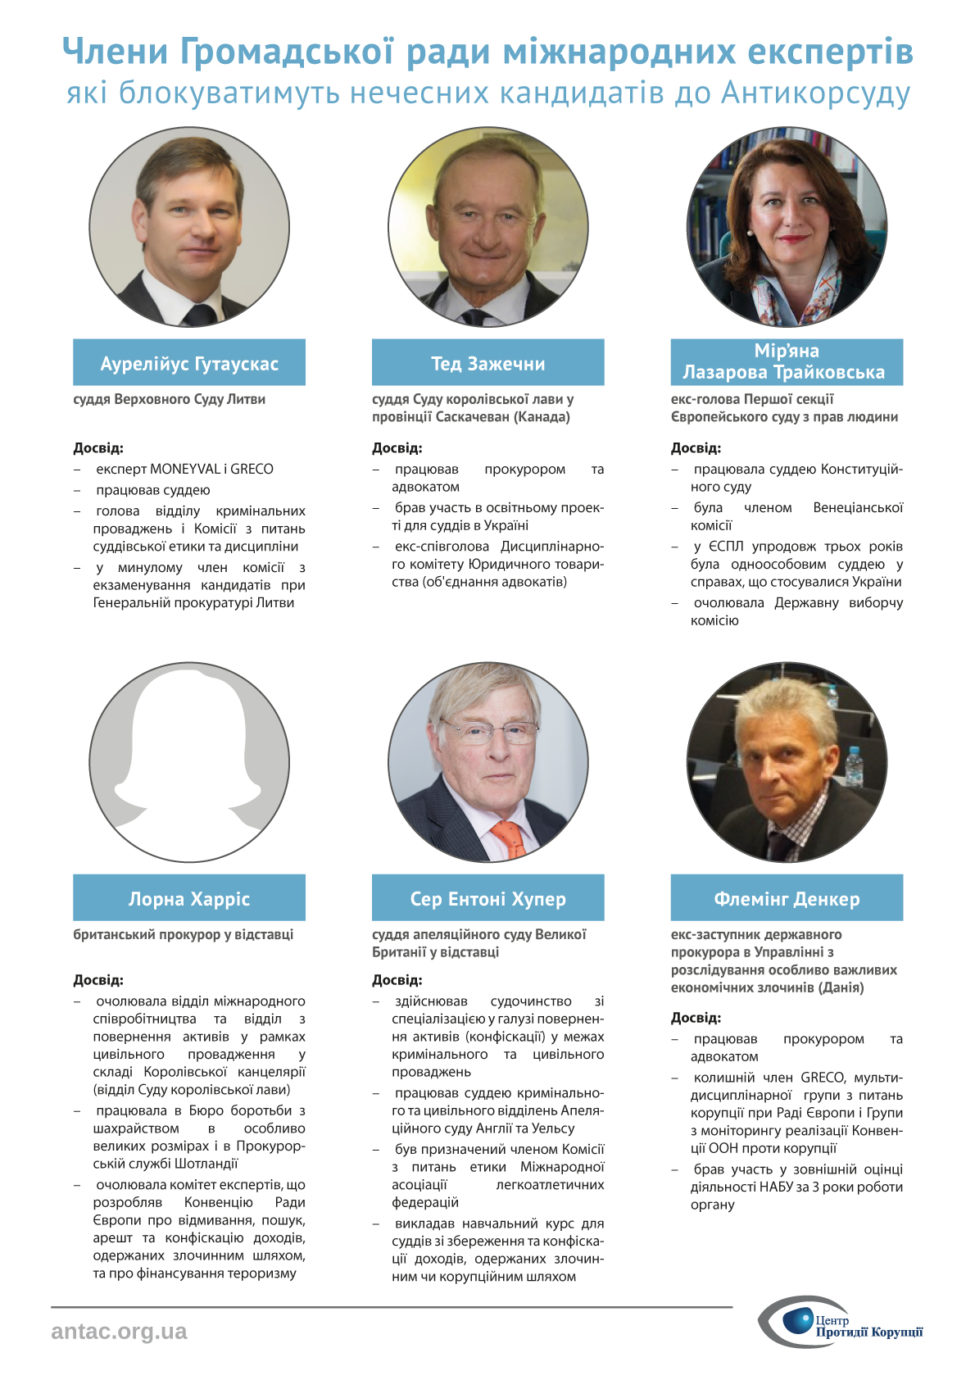 Кто вошел в Совет международных экспертов по отбору судей Антикорсуда